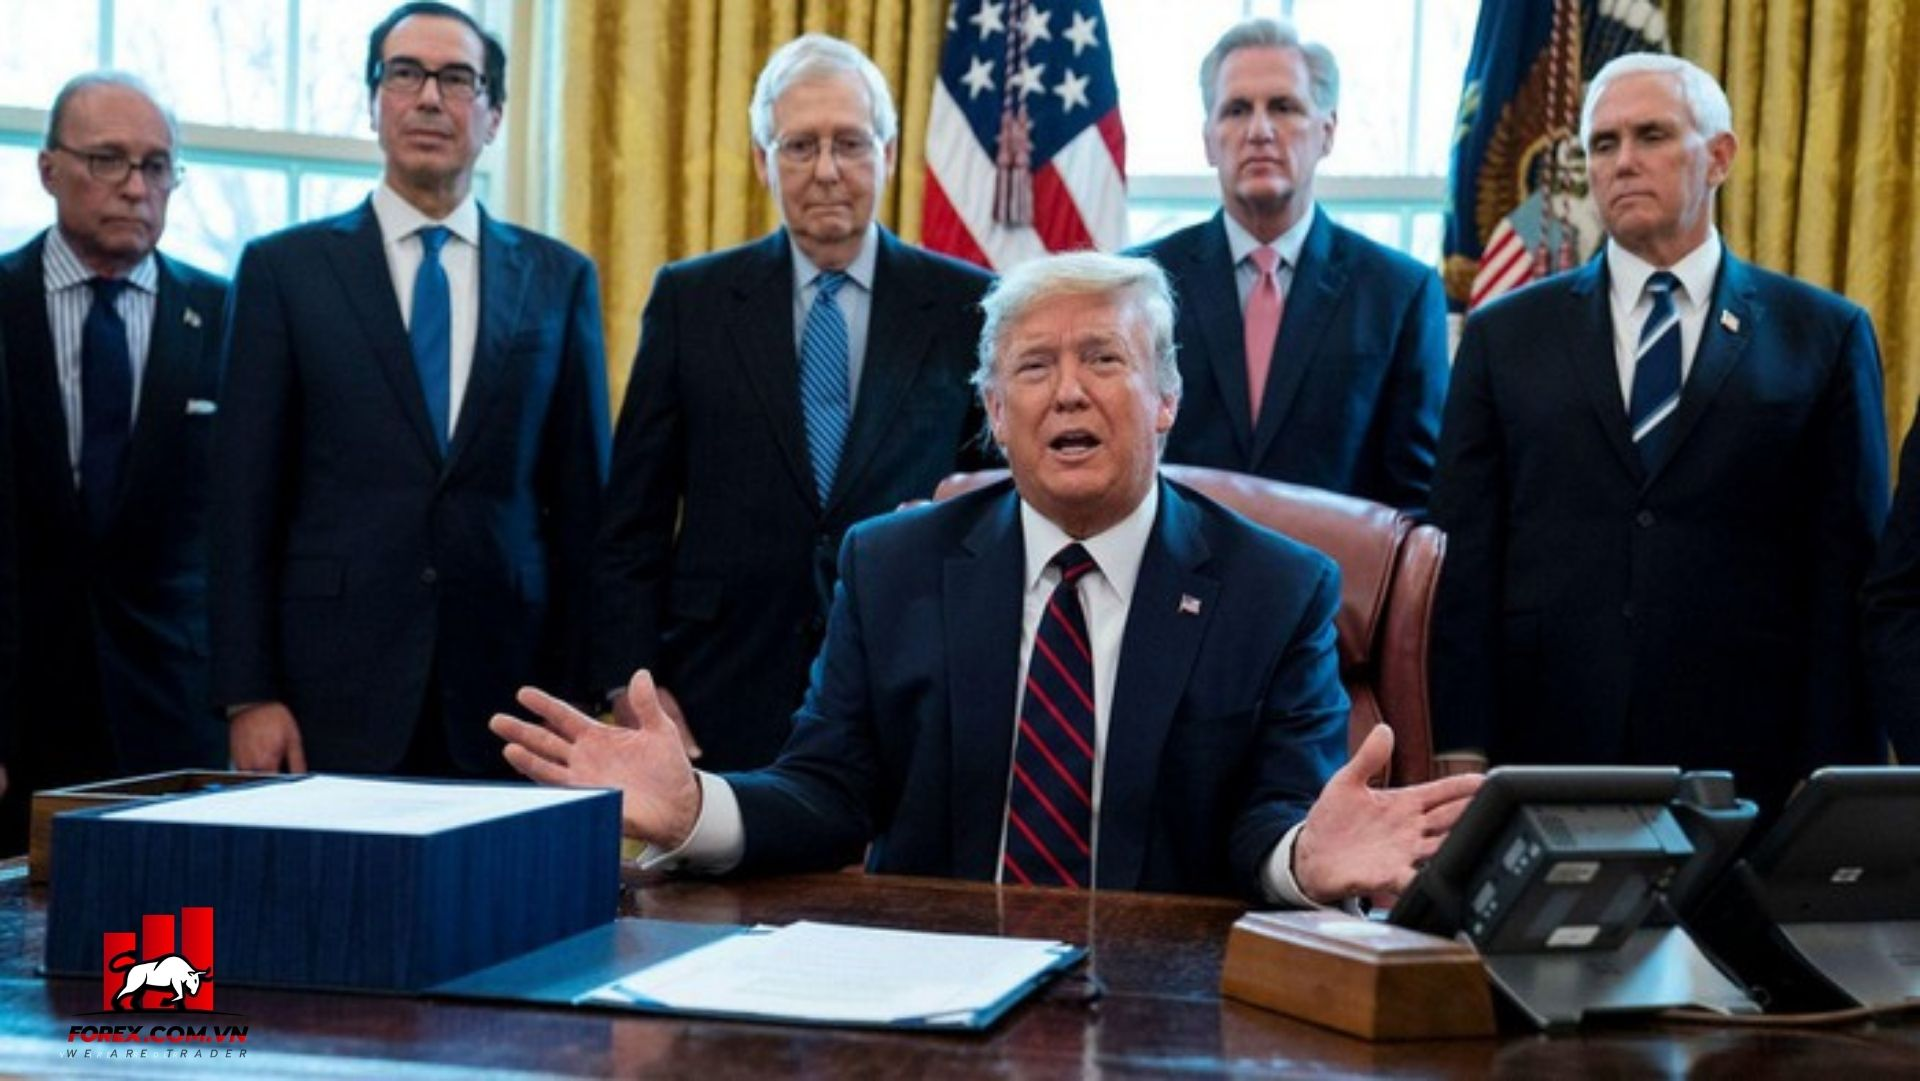 đề xuất 1,8 nghìn tỷ USD mới nhất của chính quyền Trump bị bác bỏ